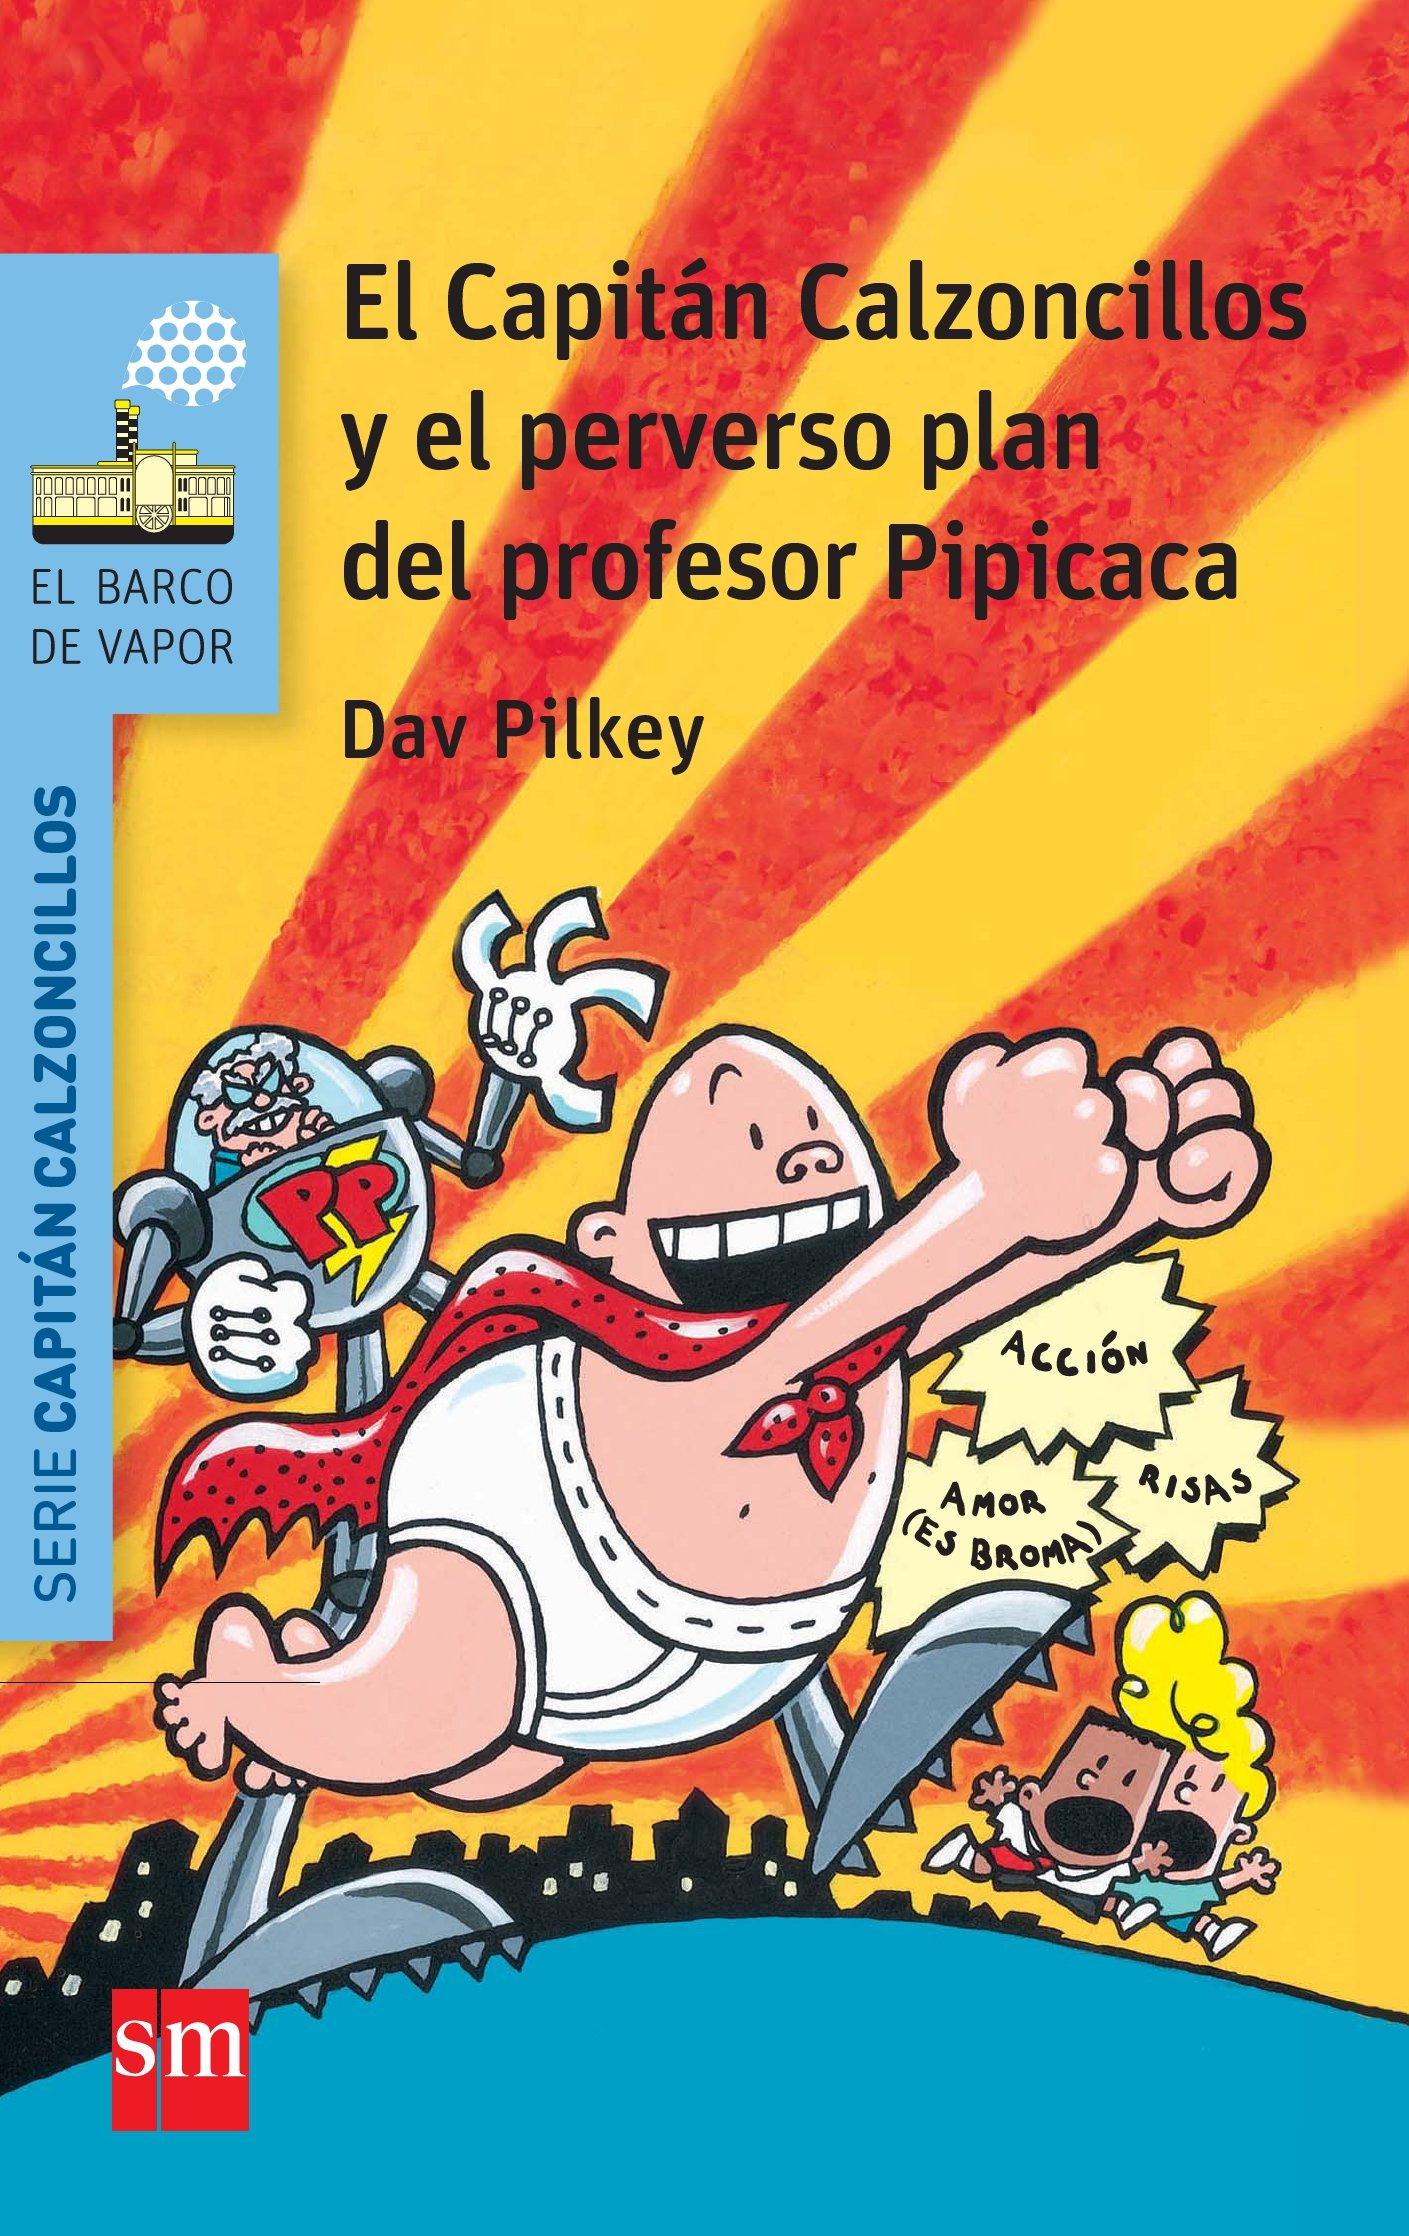 El Capitán Calzoncillos y el perverso plan del profesor Pipicaca (El Barco  de Vapor Azul